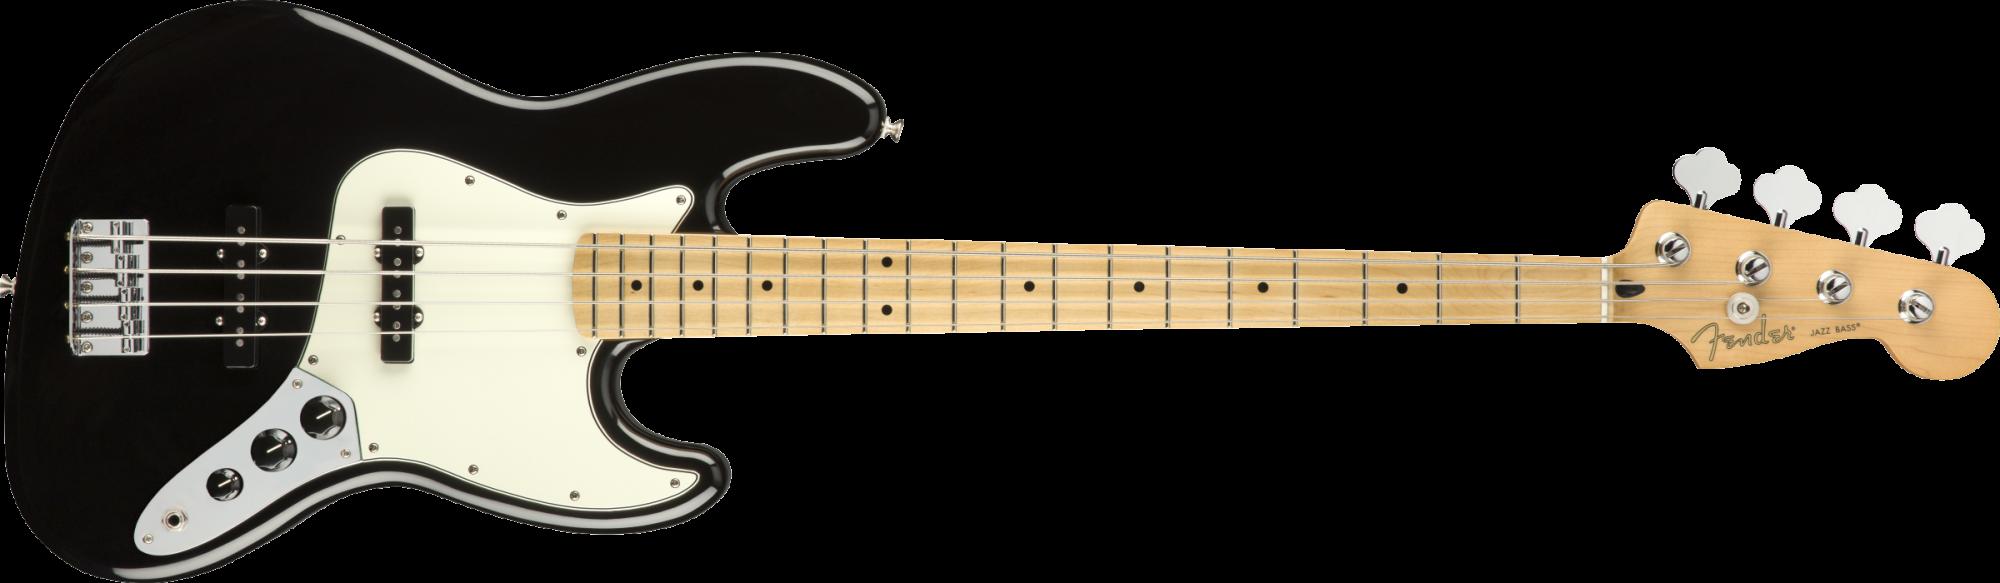 Fender Player Series Jazz Bass, Maple Neck